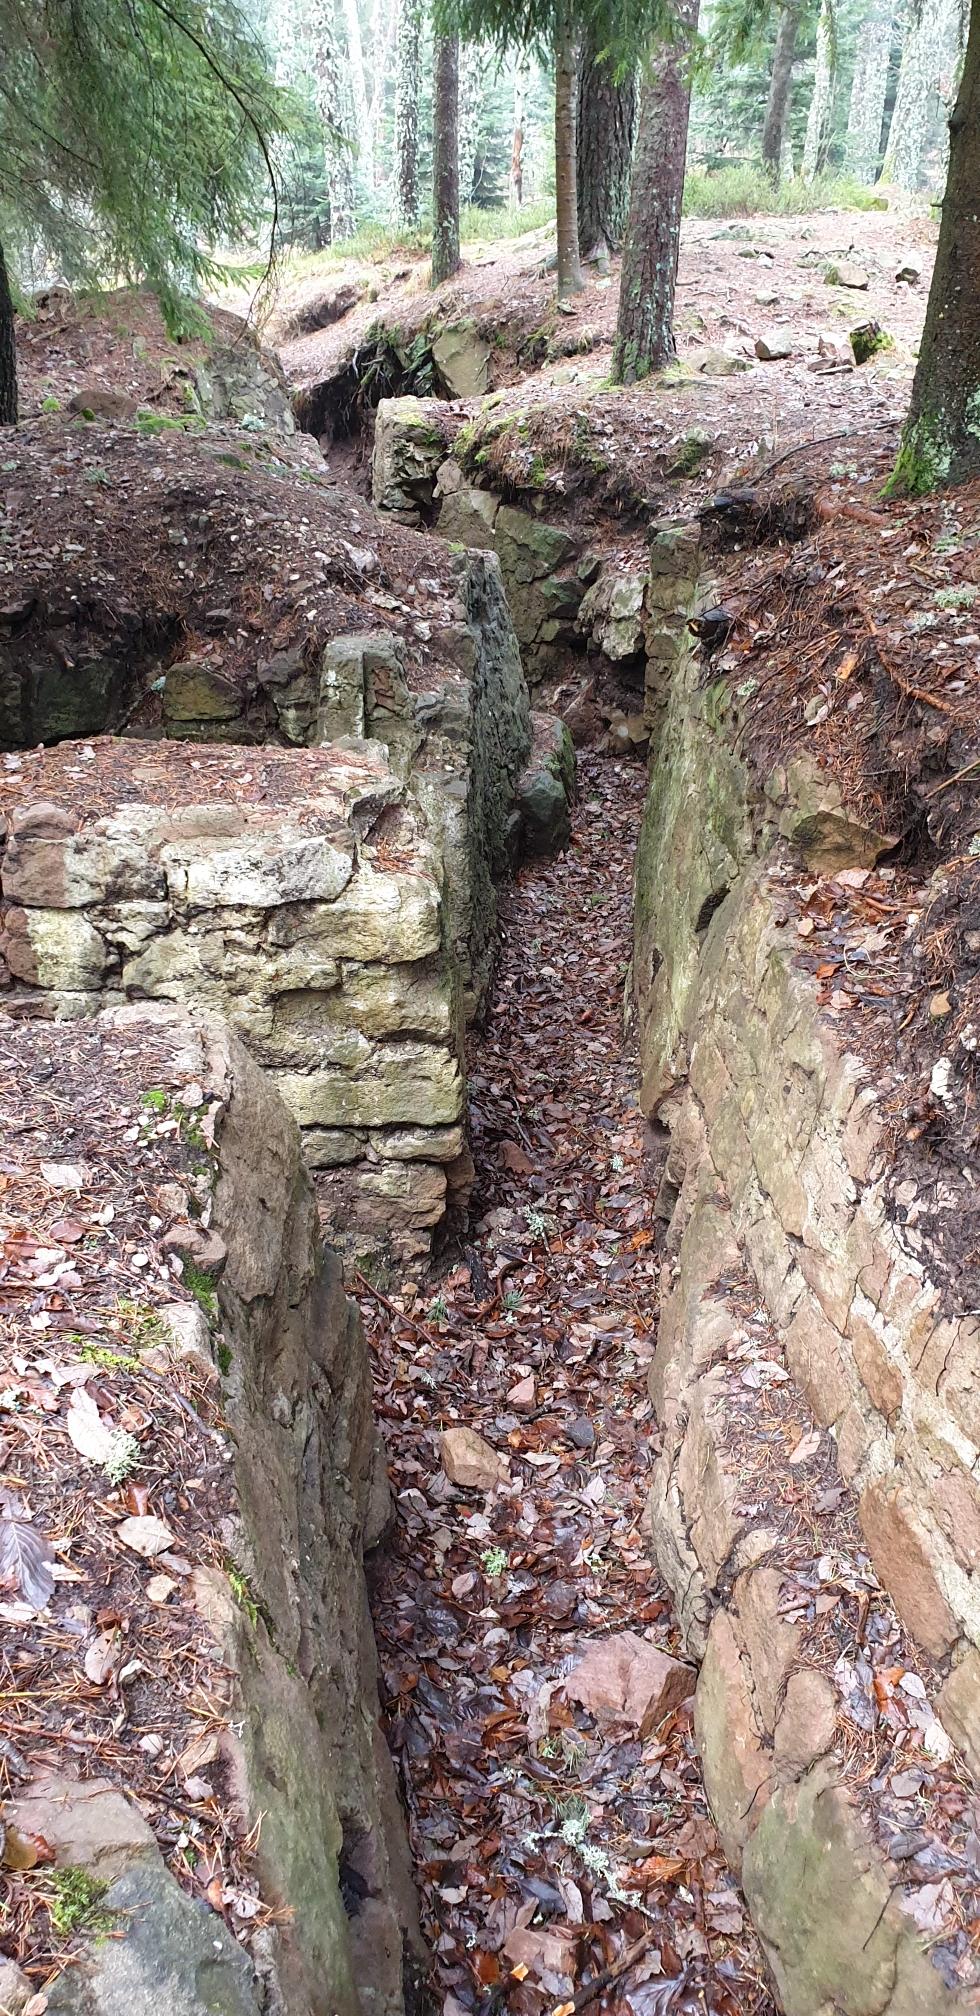 Grabensystem - ein Geisterlabyrinth im Wald